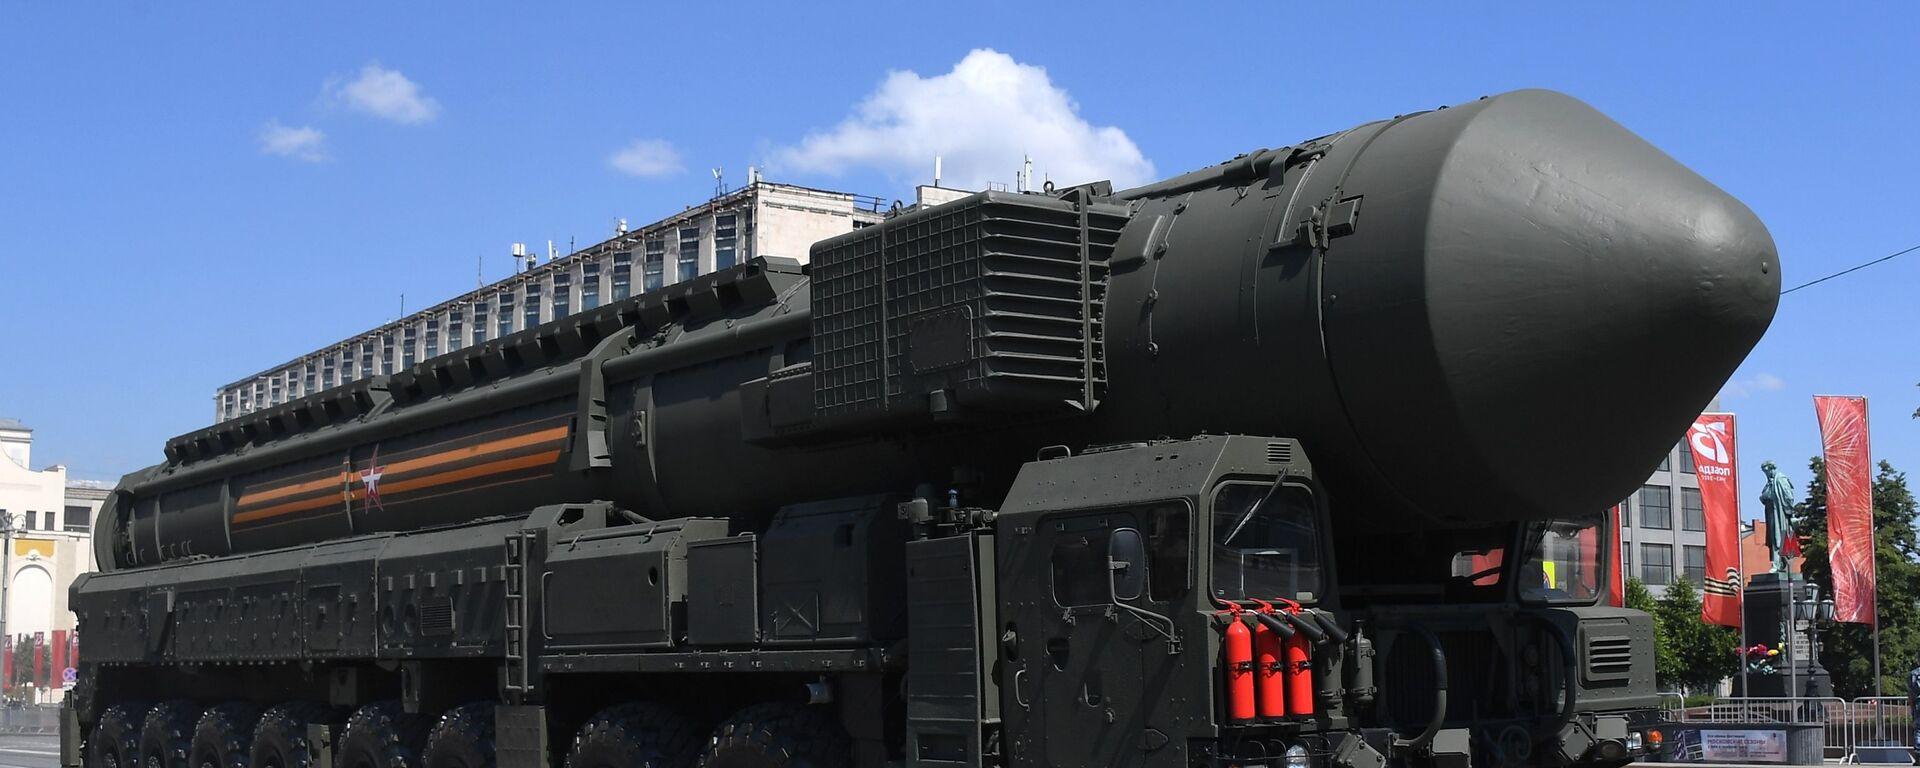 Hệ thống tên lửa Yars tại Cuộc diễu hành quân sự kỷ niệm 75 năm Chiến thắng ở Moskva - Sputnik Việt Nam, 1920, 26.04.2021